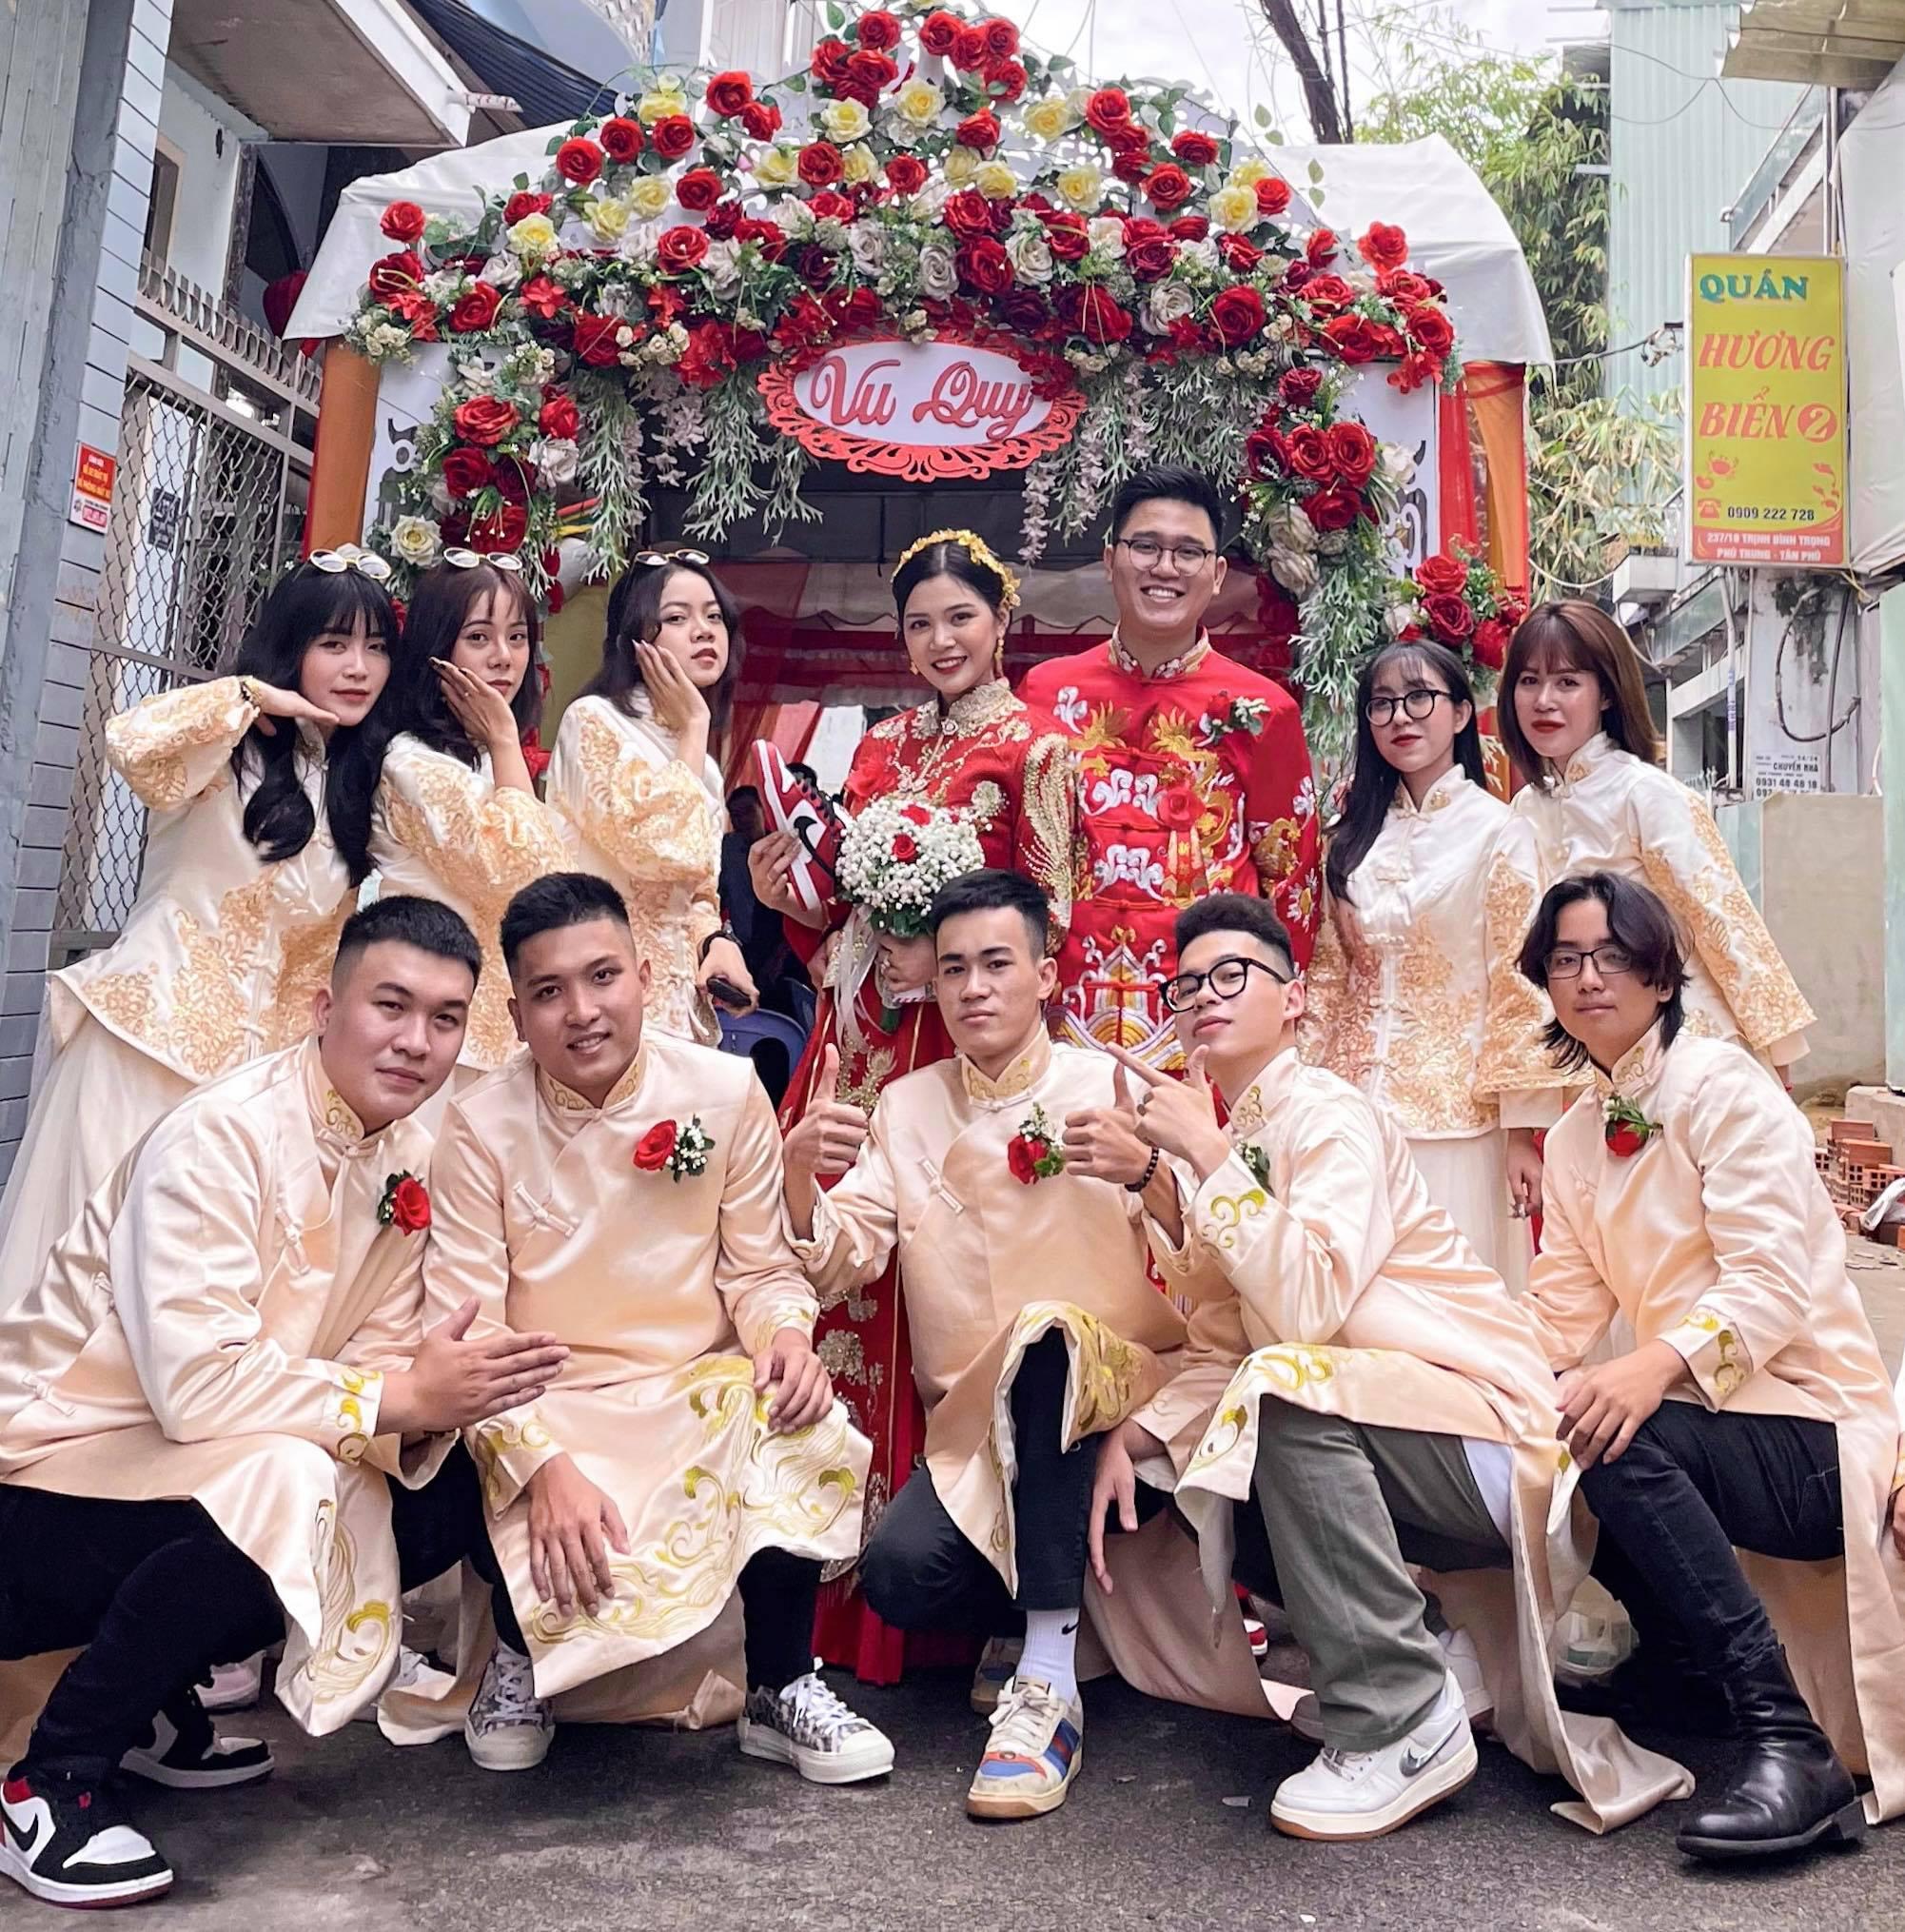 Lác cả mắt trước dàn dâu rể lên đồ chất phát ngất, đi toàn sneaker xịn sò trong đám cưới của cô dâu gốc Hoa - Ảnh 1.